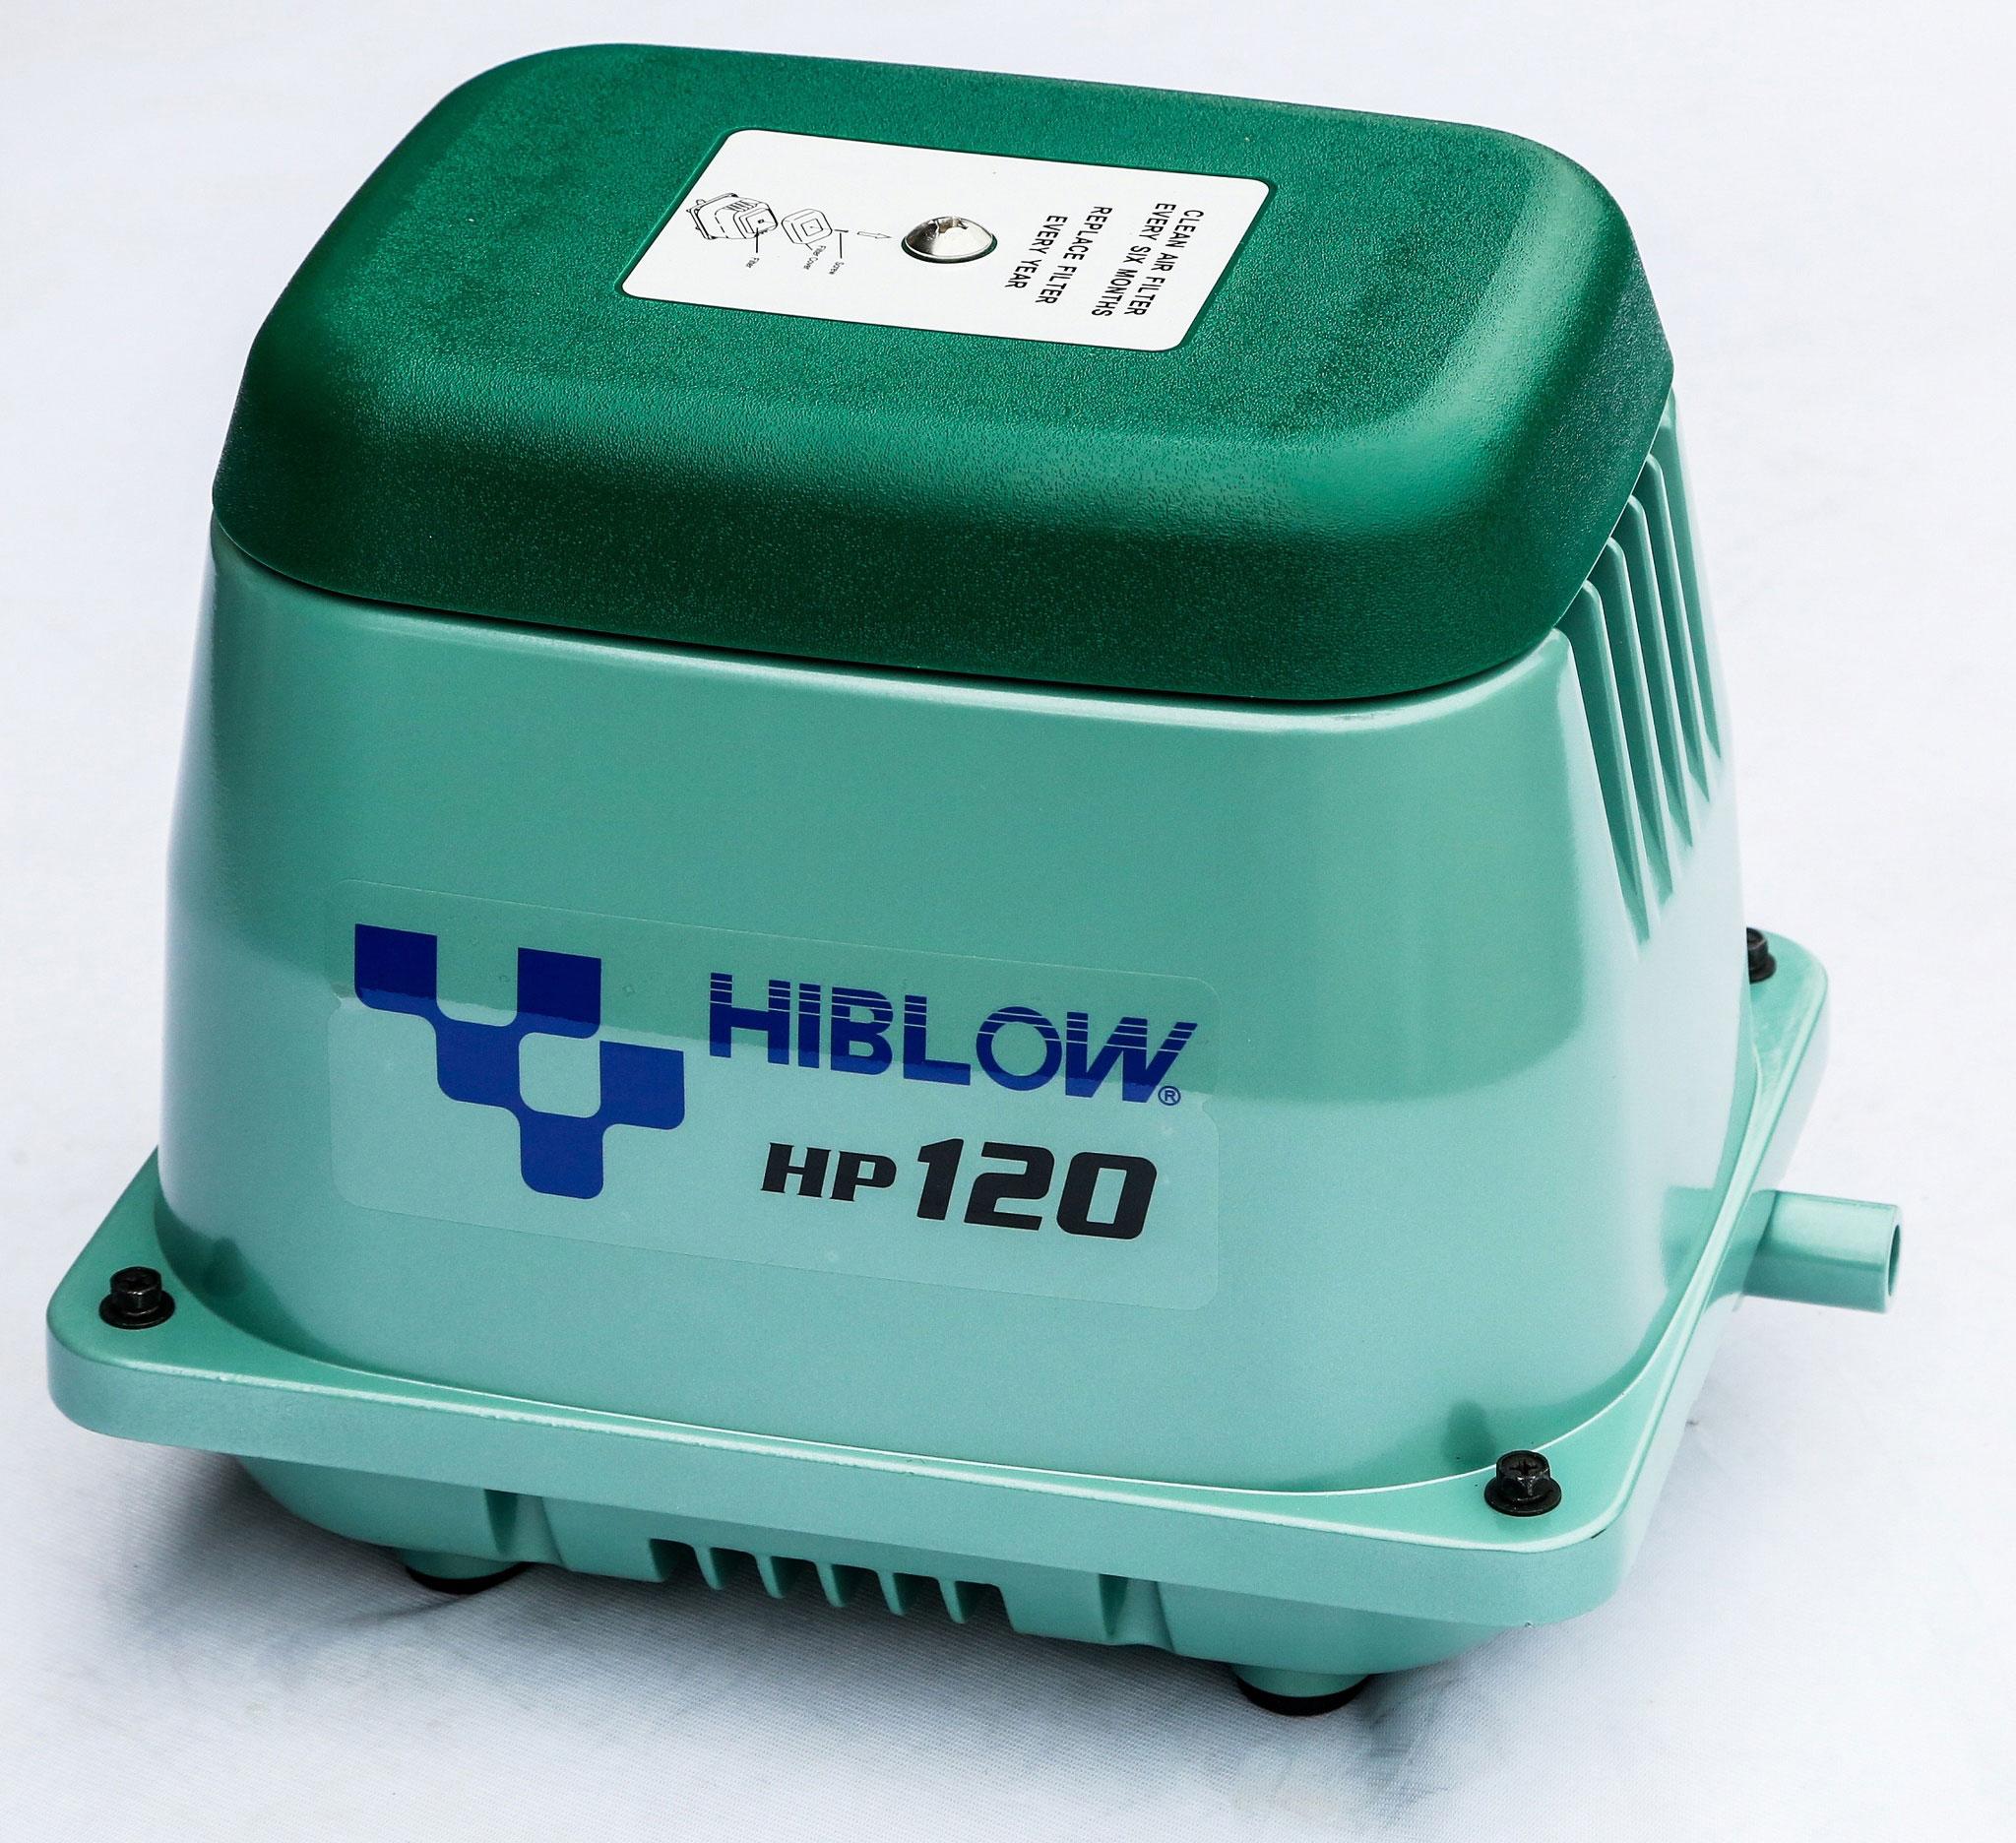 hiblow hp 120